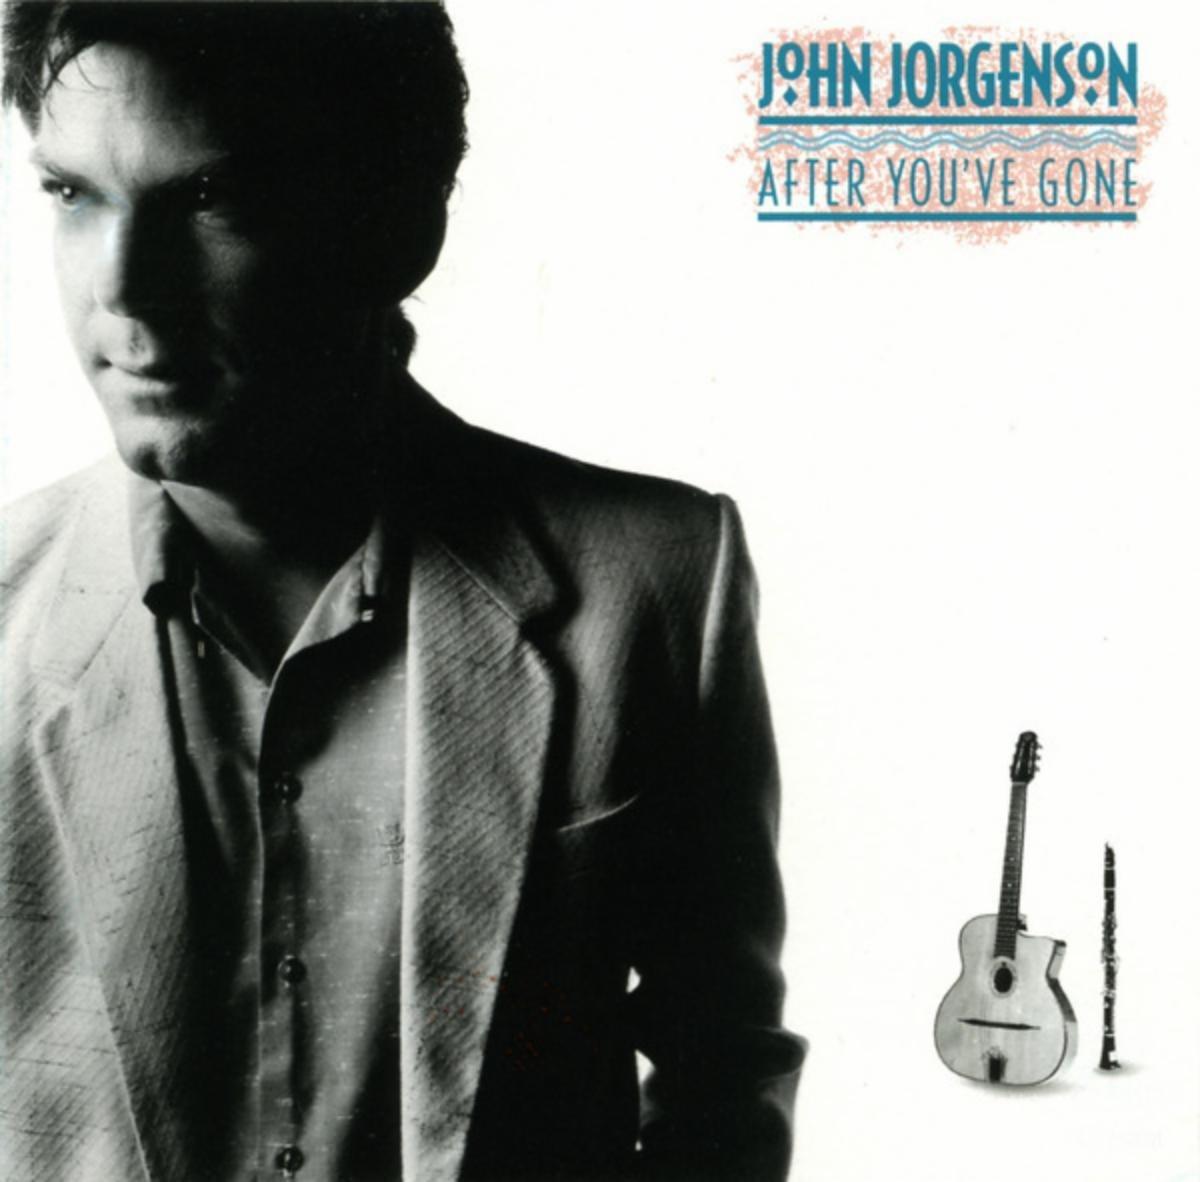 John Jorgenson - After You've Gone (1988) [FLAC] Download